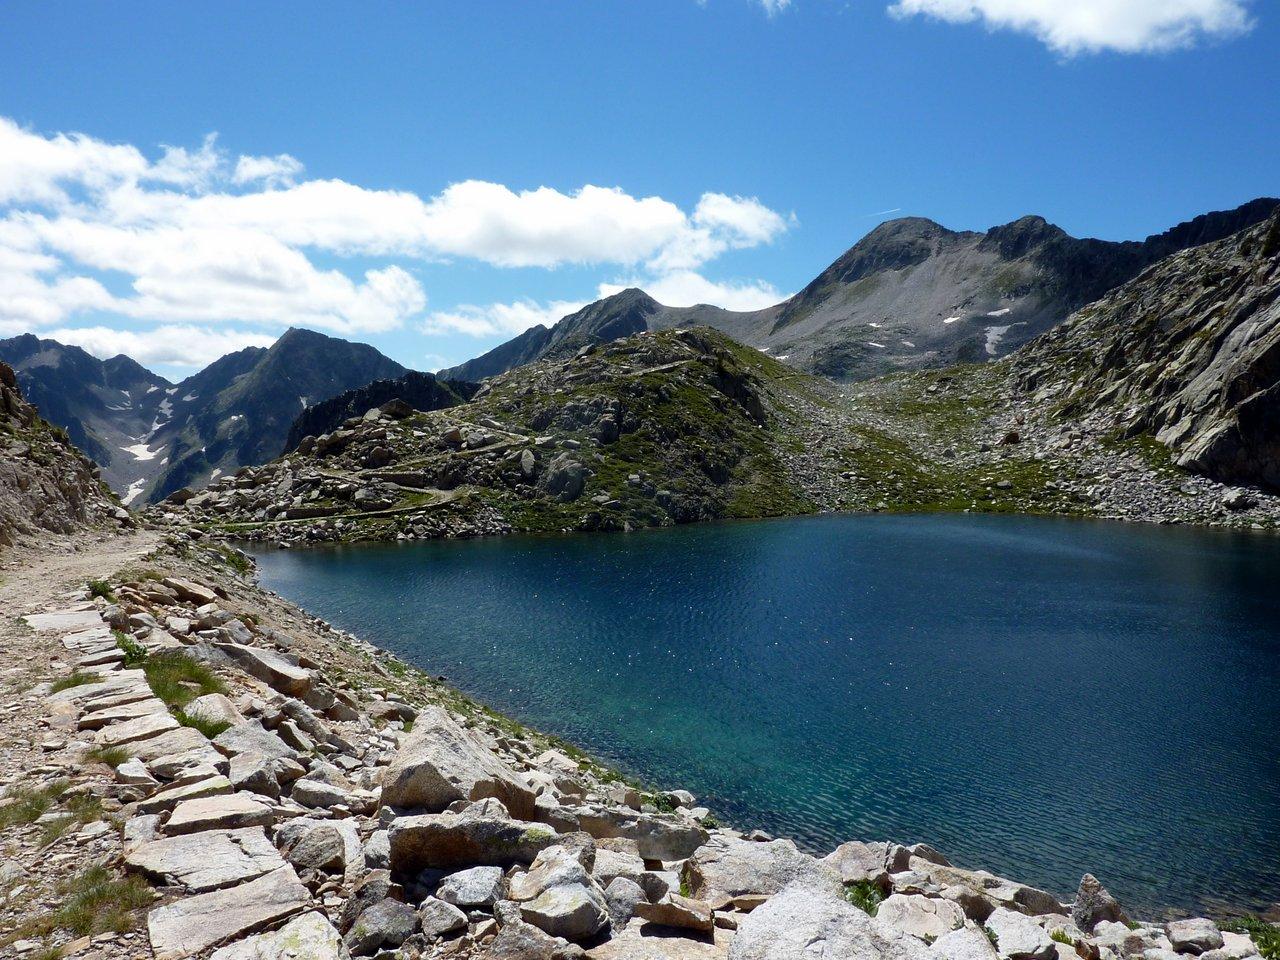 escursione ai laghi di fremamorta lago mediano